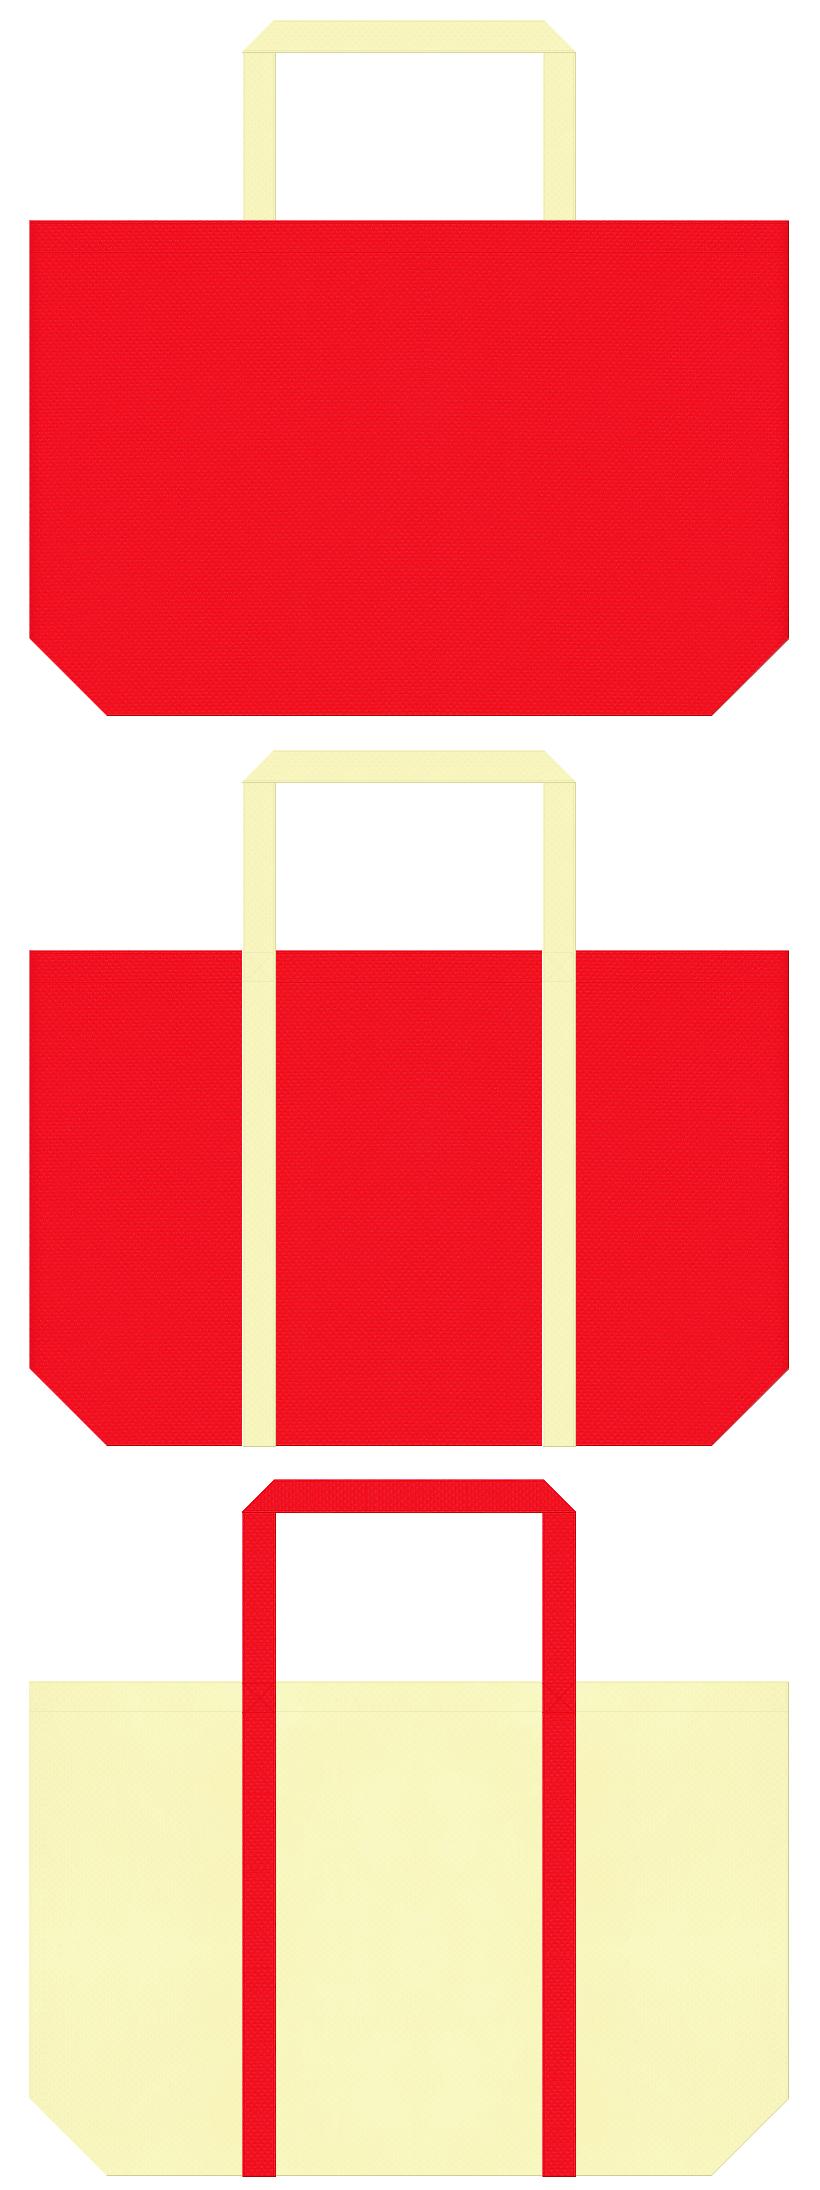 チーズ・ピザ・ひな祭り・和風催事にお奨めの不織布バッグデザイン:赤色と黄色のコーデ